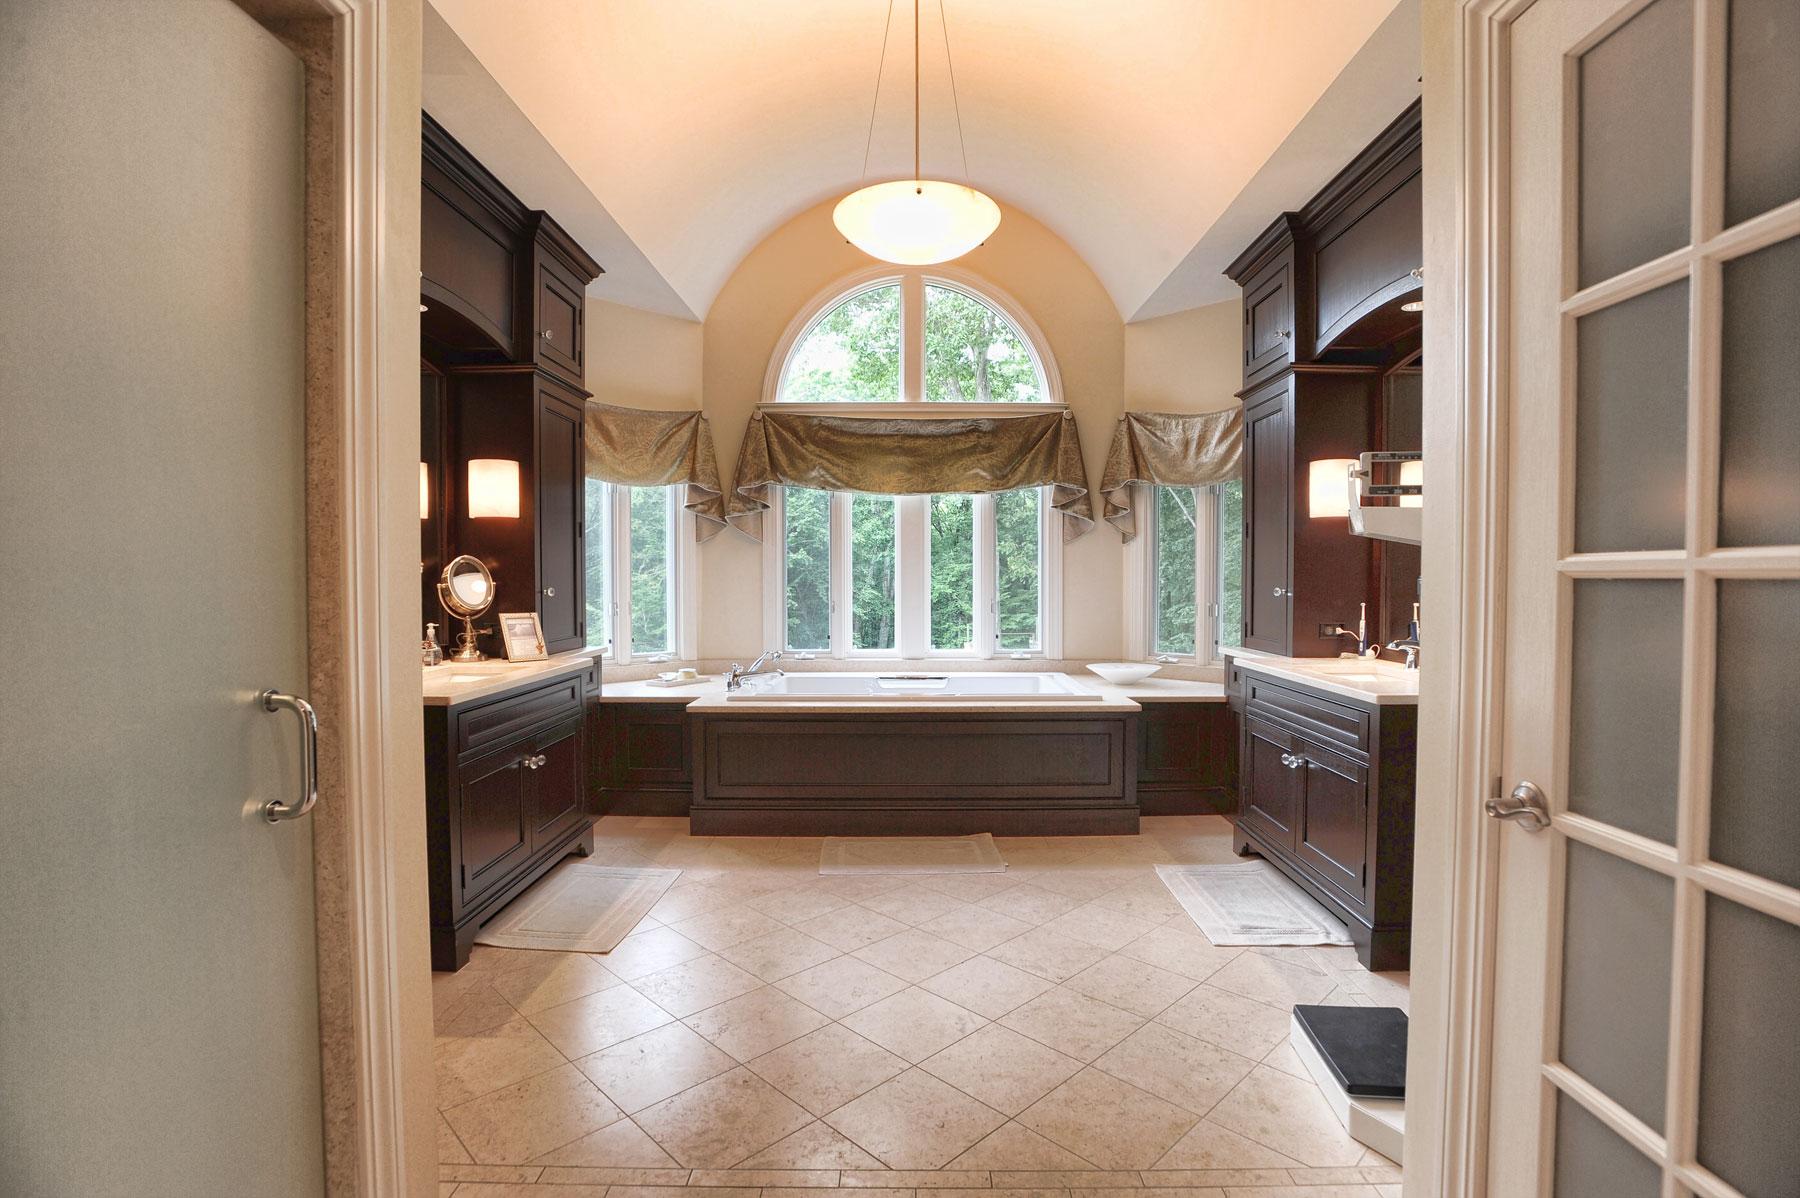 Bathroom Remodeling Shower Stalls Bathroom Storage Vanities - Bathroom remodeling fairfield ct